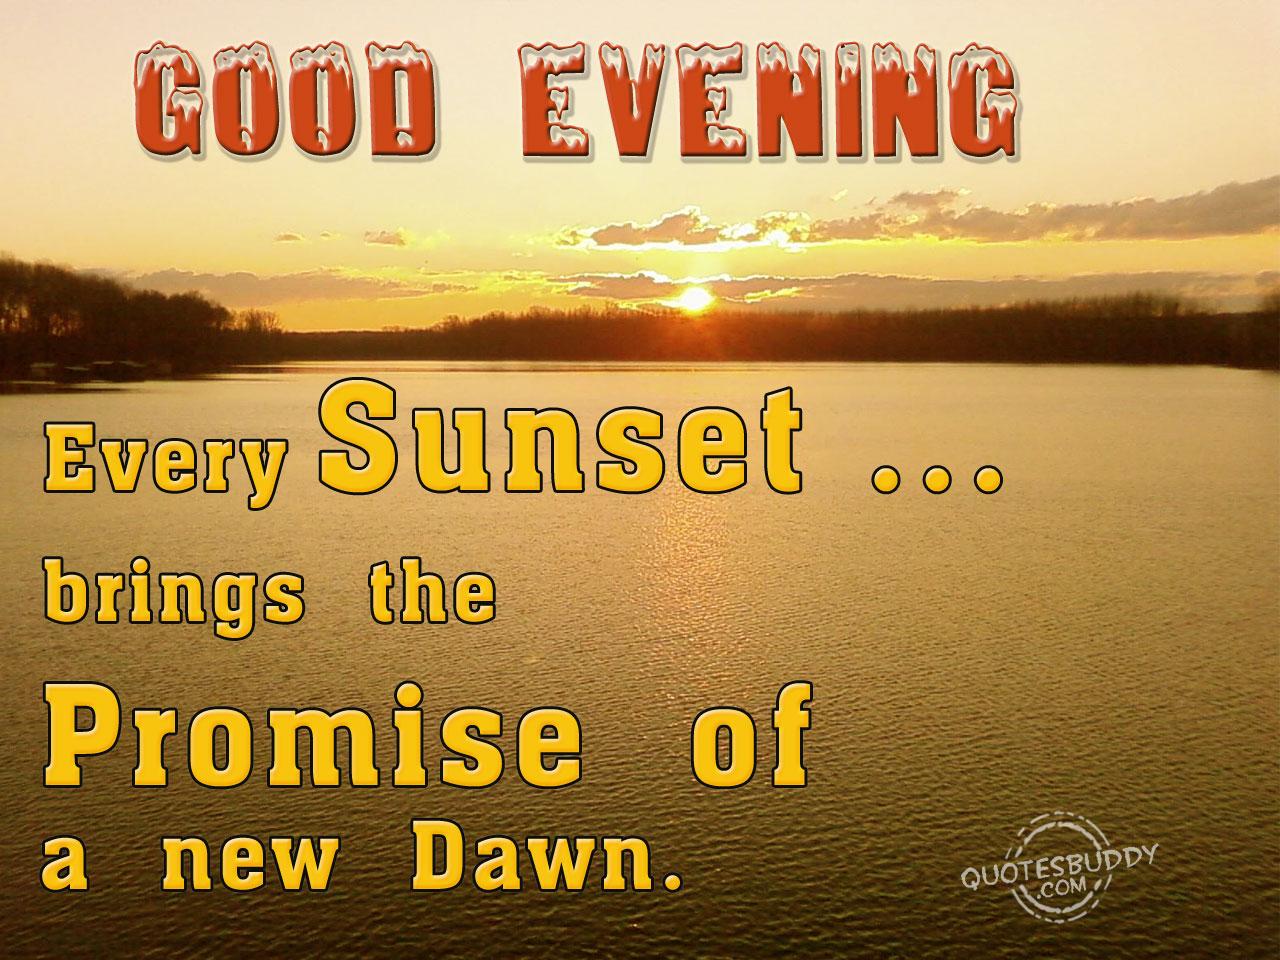 Evening quote #5